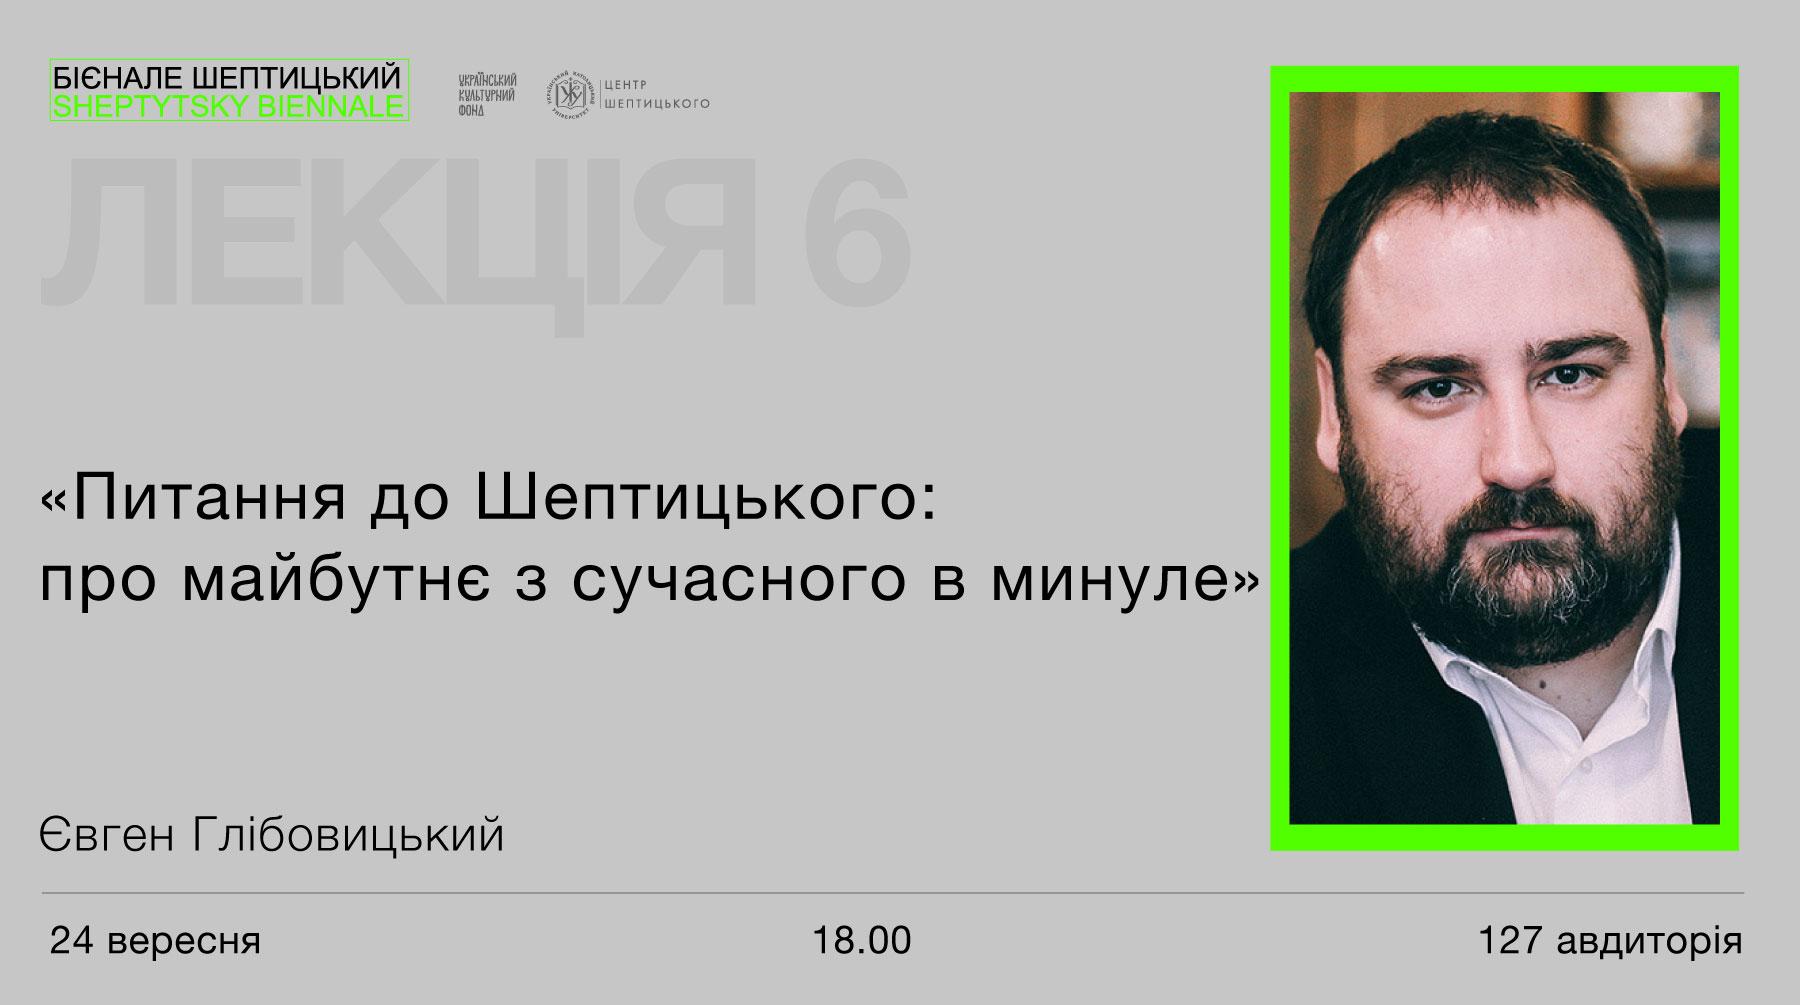 """Лекція Євгена Глібовицького в рамках """"Бієнале Шептицький"""""""